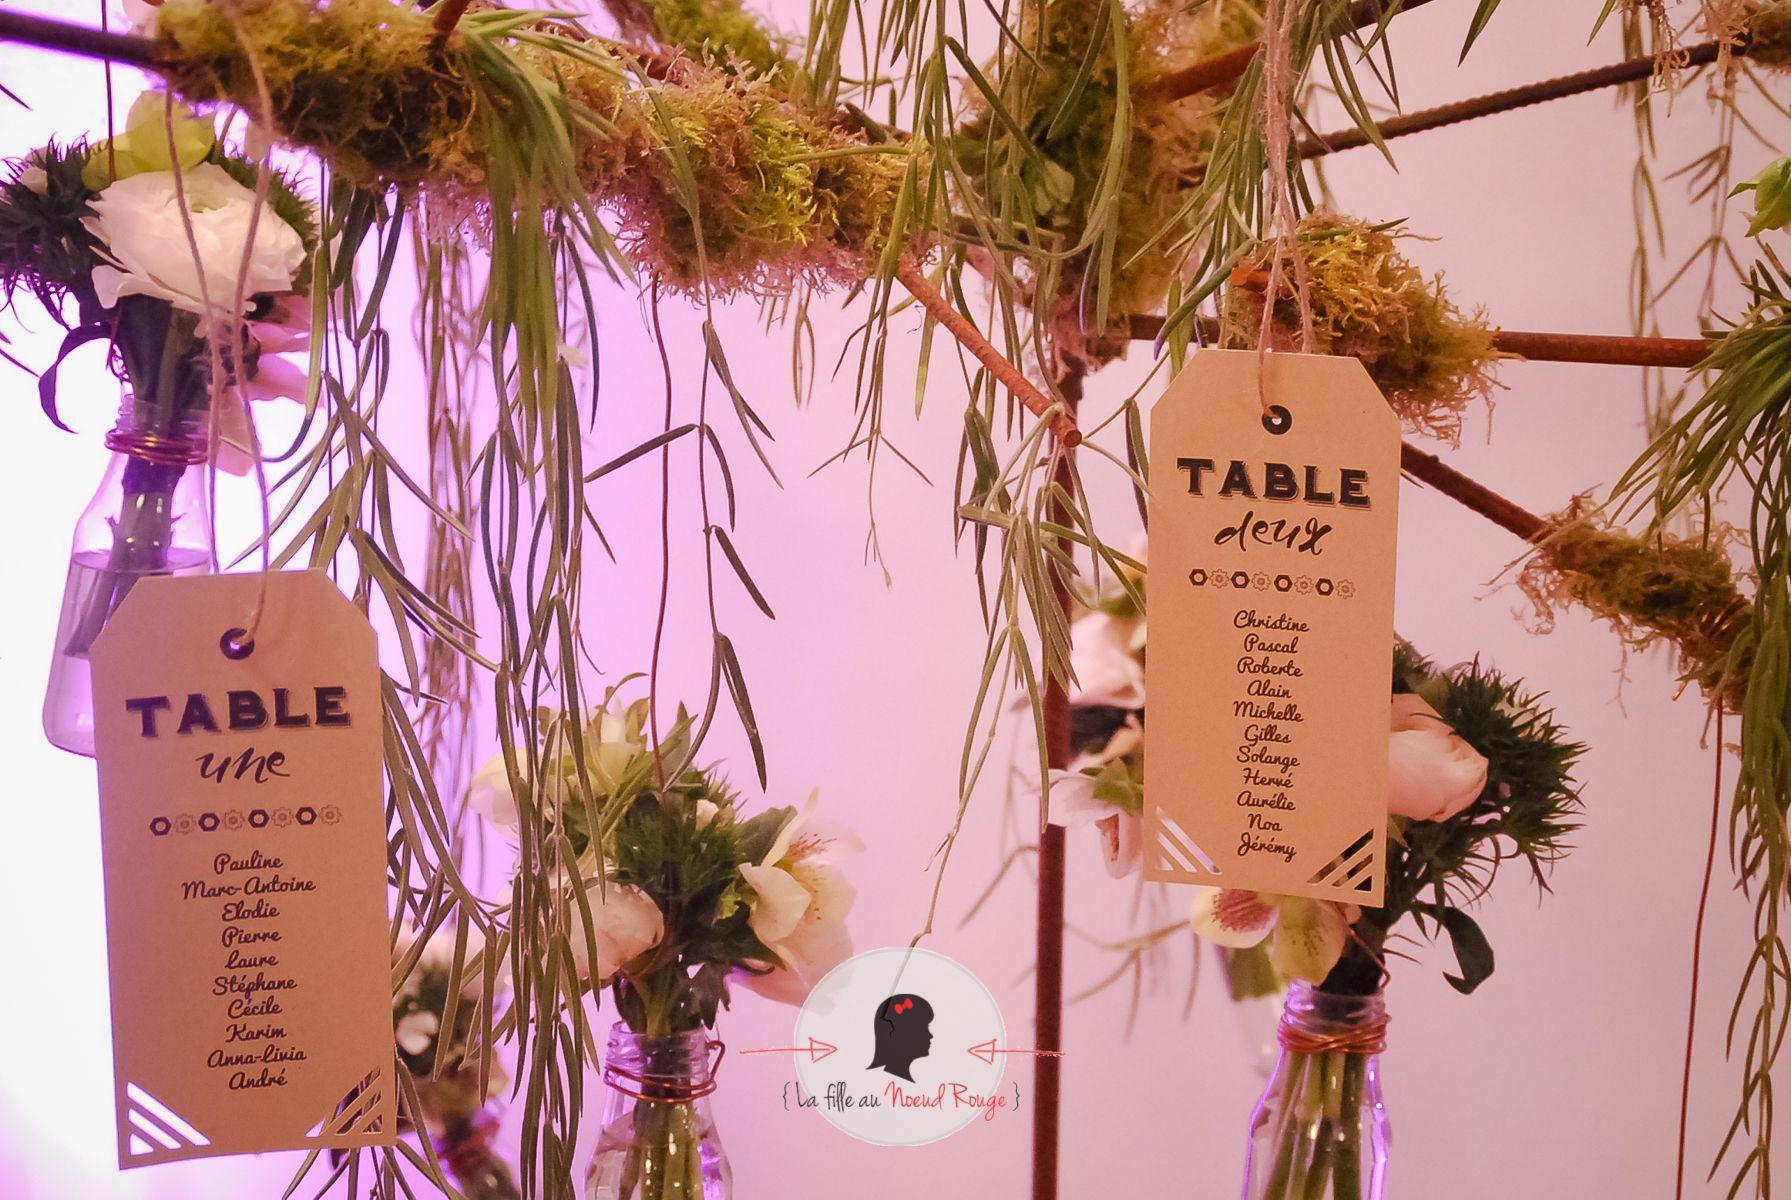 La fille au nœud rouge - Faire-part mariage sur-mesure & décoration papeterie moderne industriel kraft plan de table